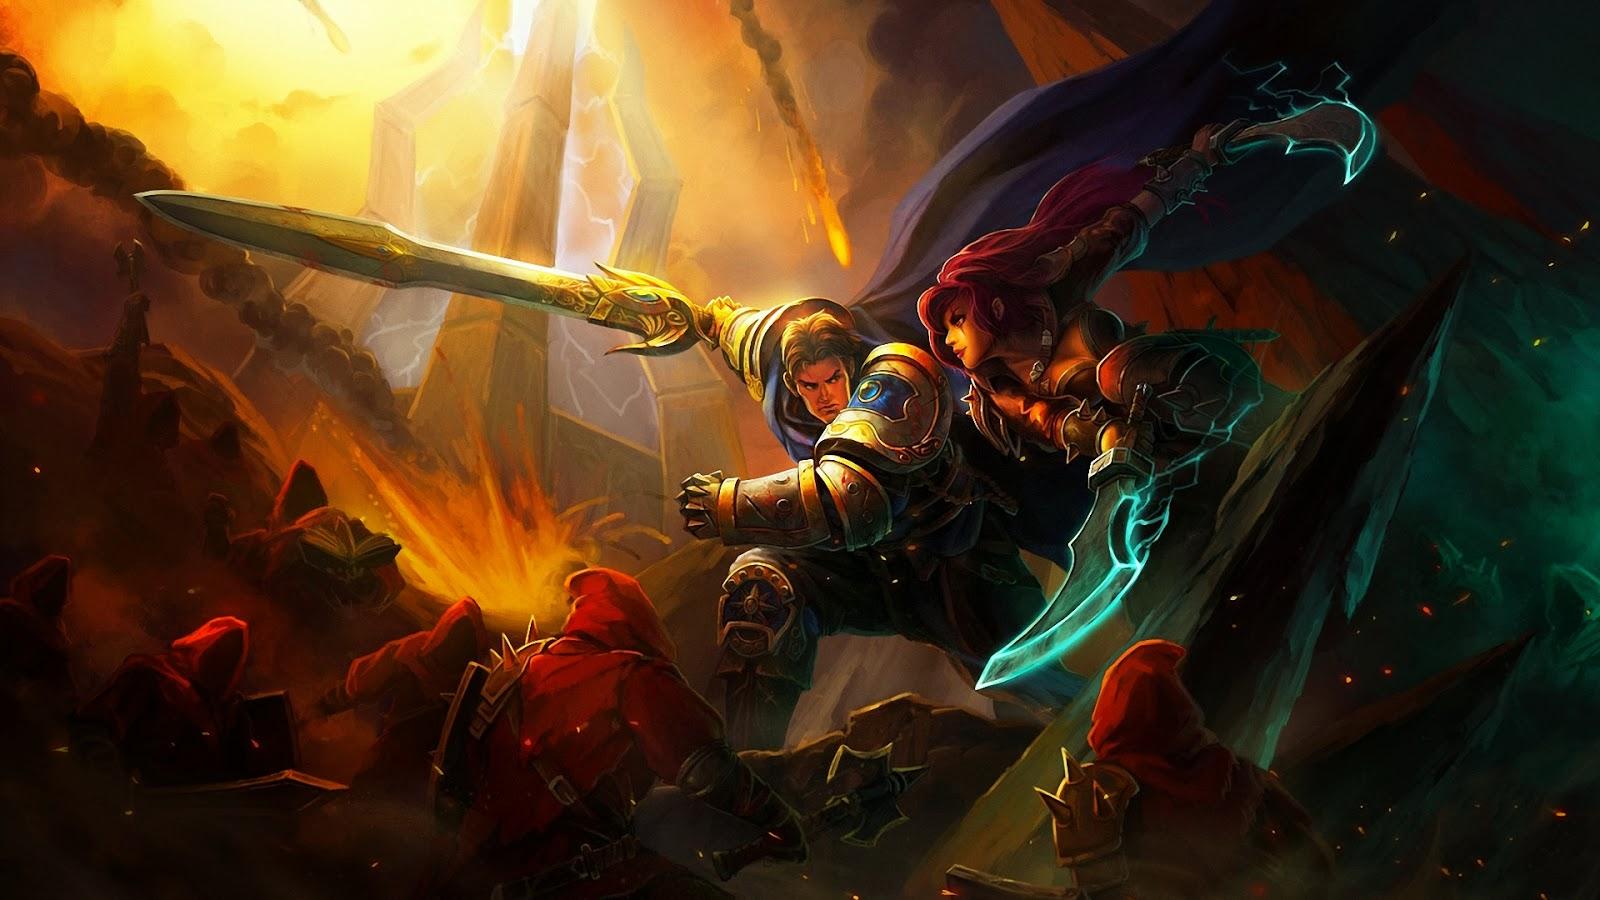 World Of Warcraft Wallpapers Hd Garen League Of Legends Wallpaper Garen Desktop Wallpaper